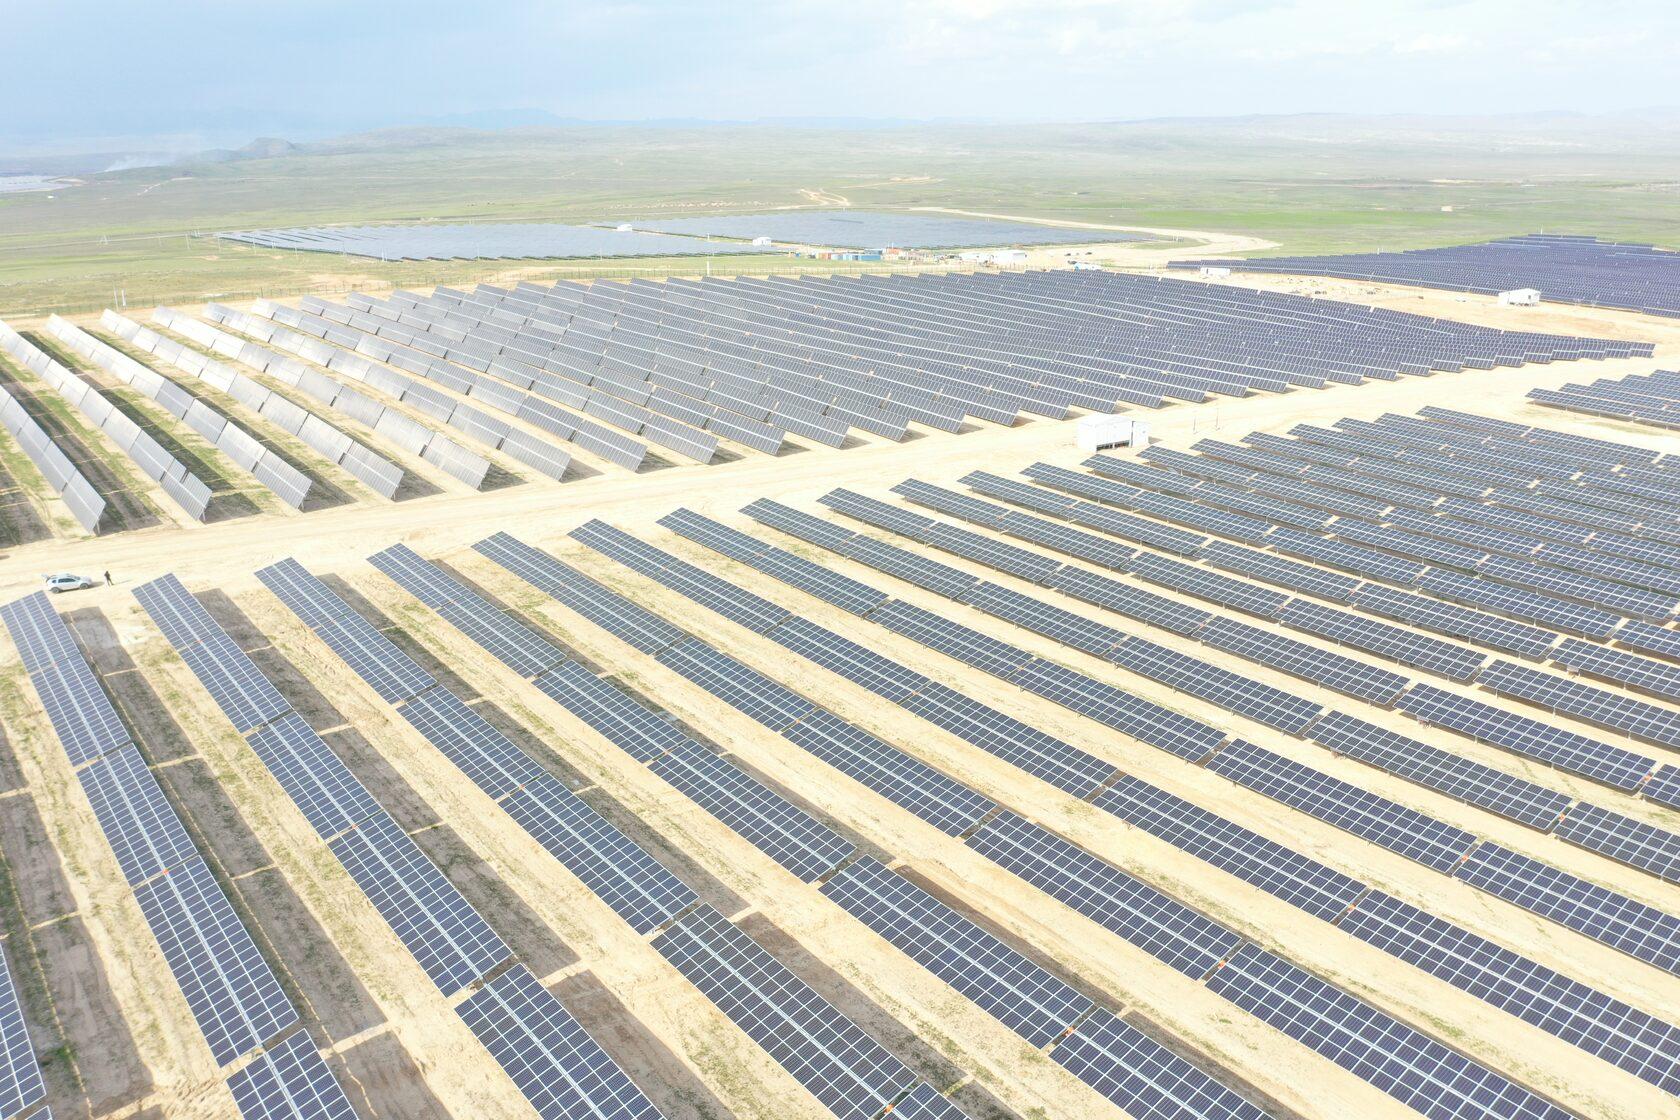 ГК «Хевел» ввела две солнечные электростанции в Казахстане